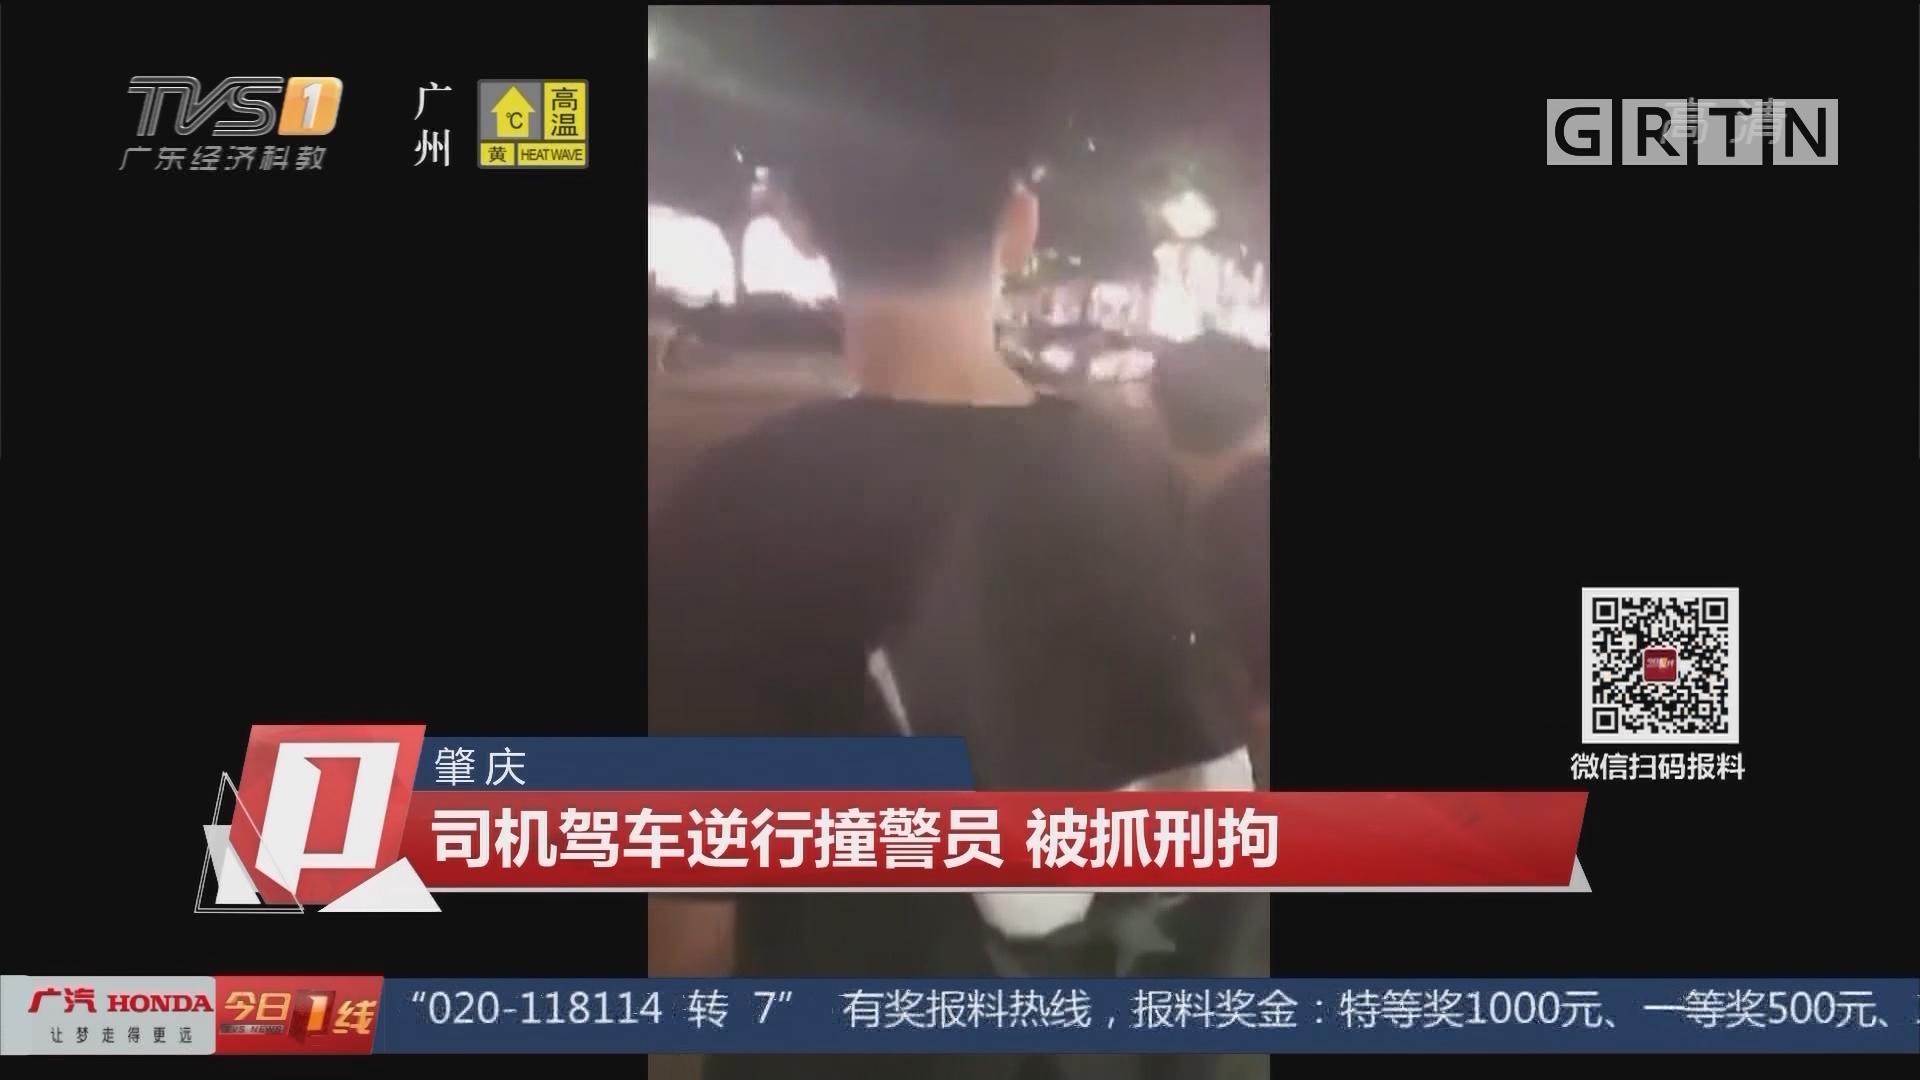 肇庆:司机驾车逆行撞警员 被抓刑拘